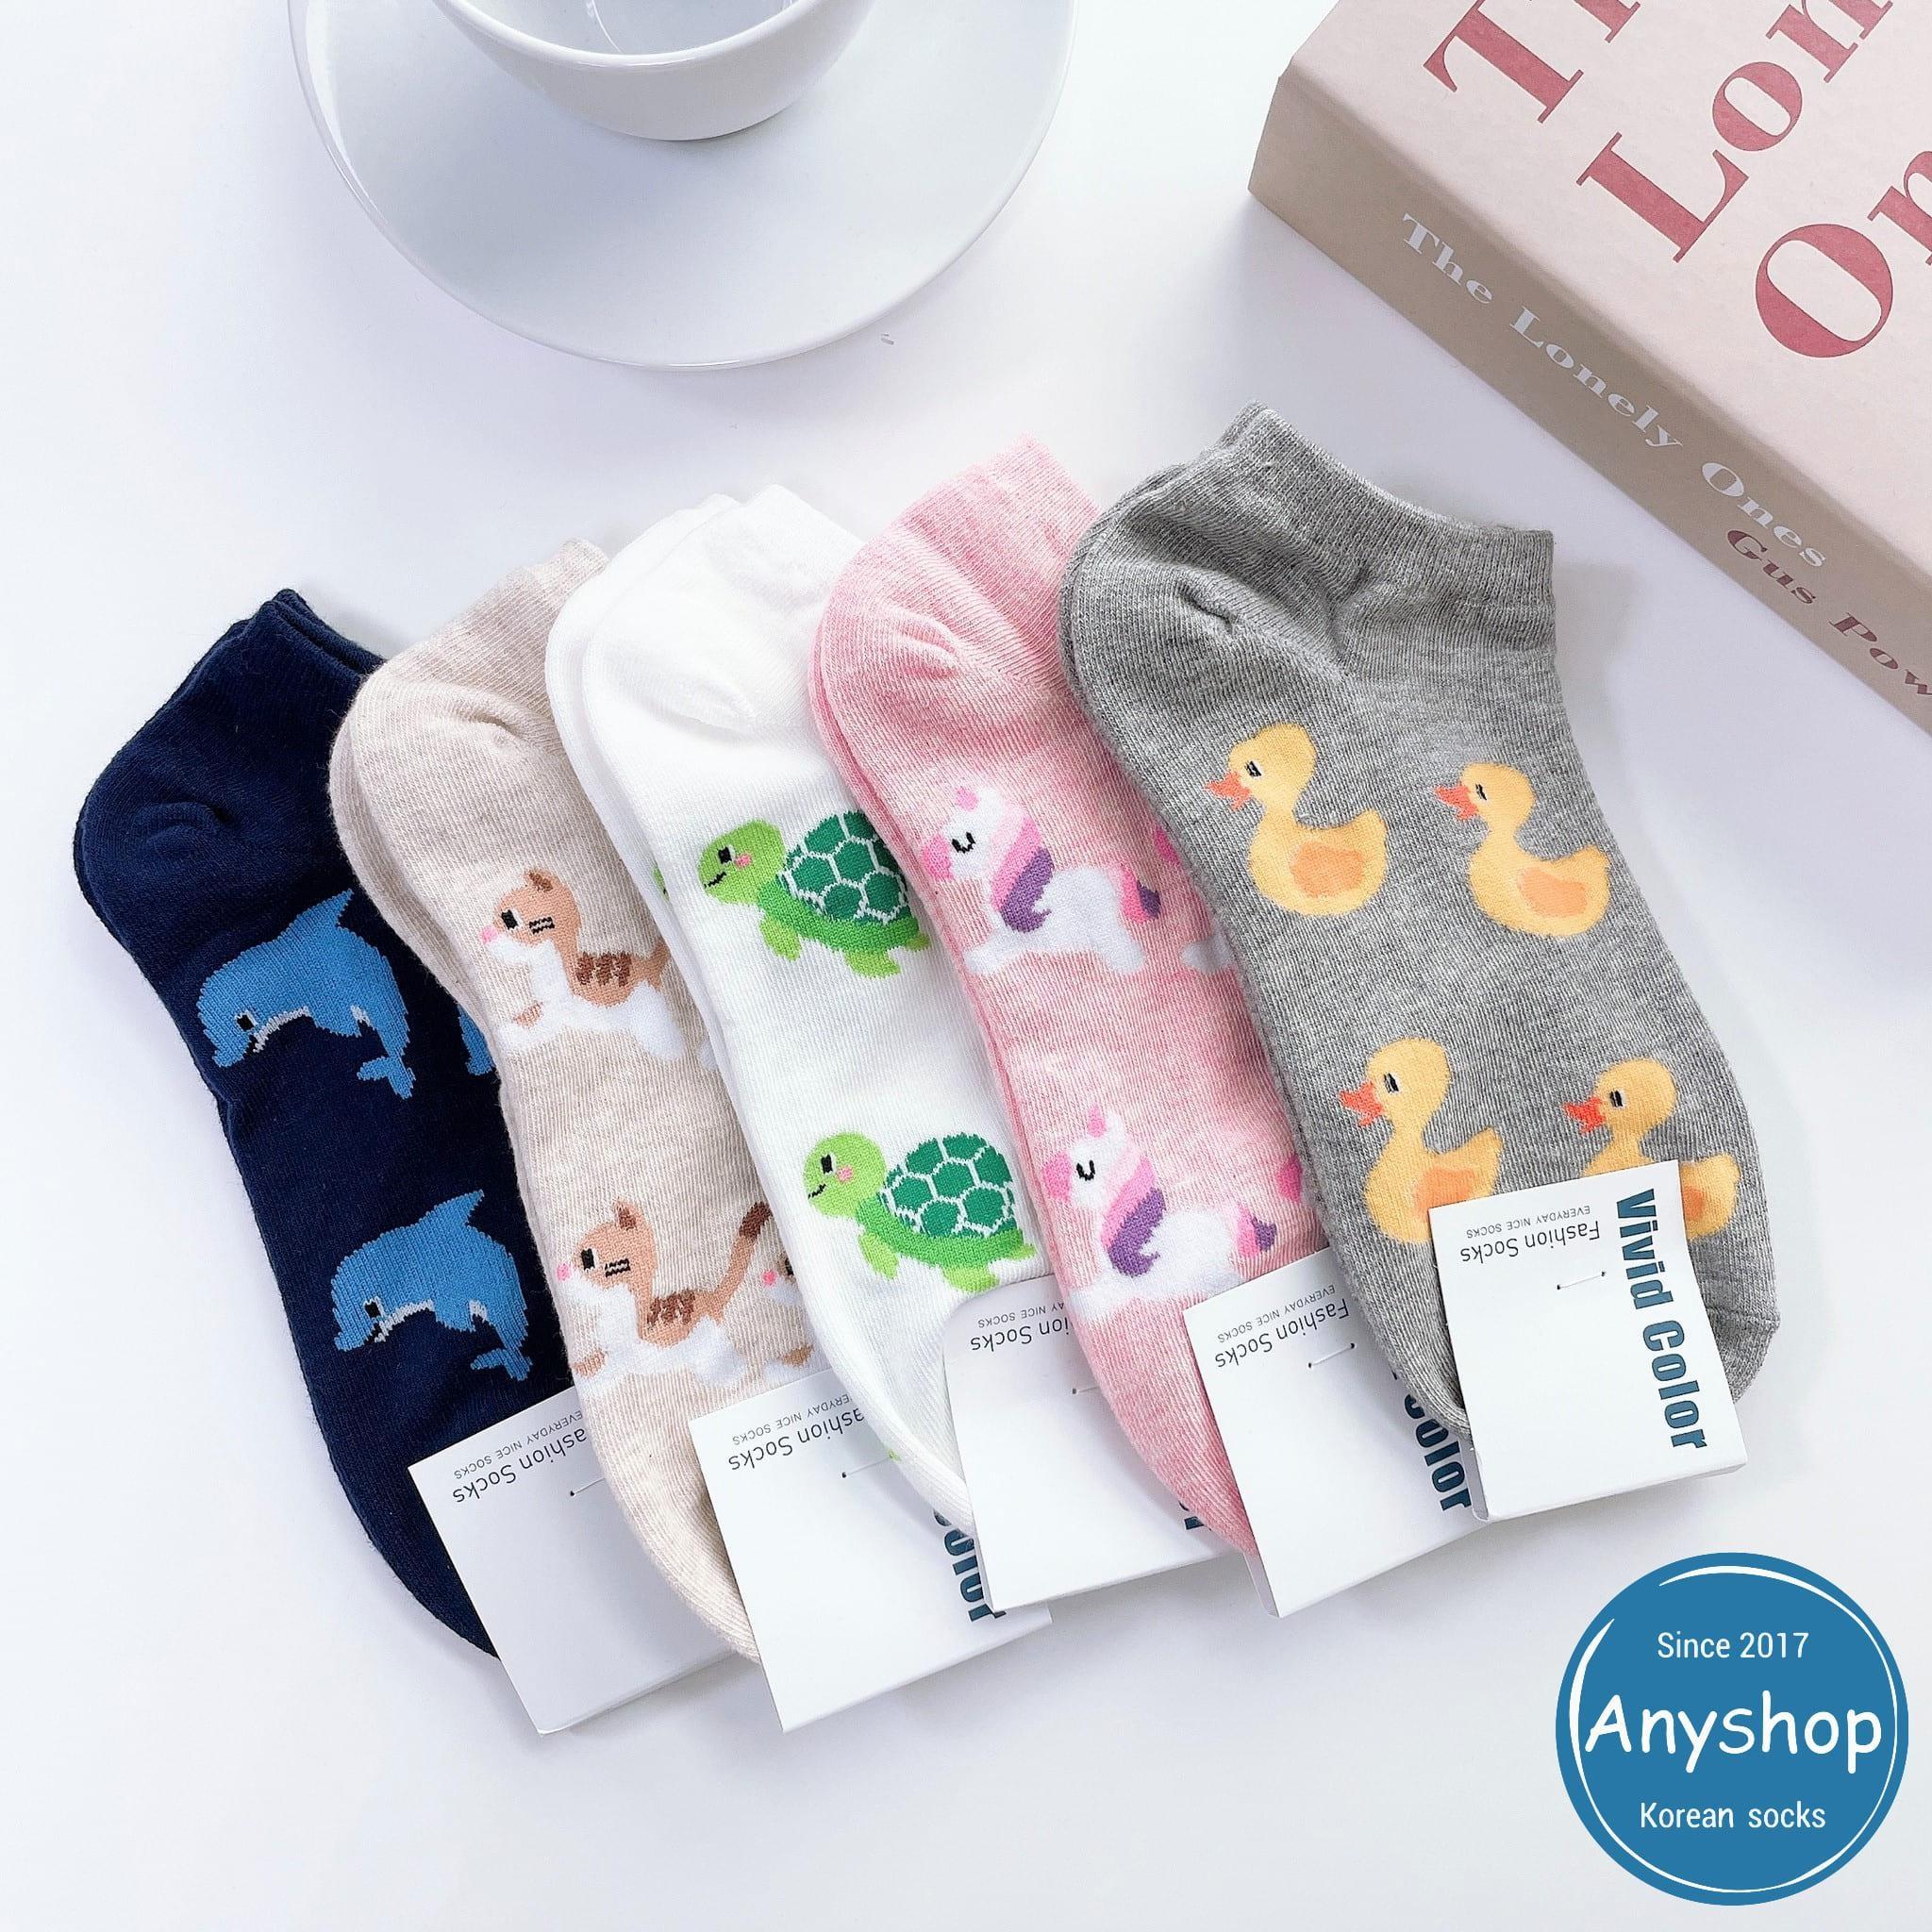 韓國襪-[Anyshop]獨角獸可愛動物短襪